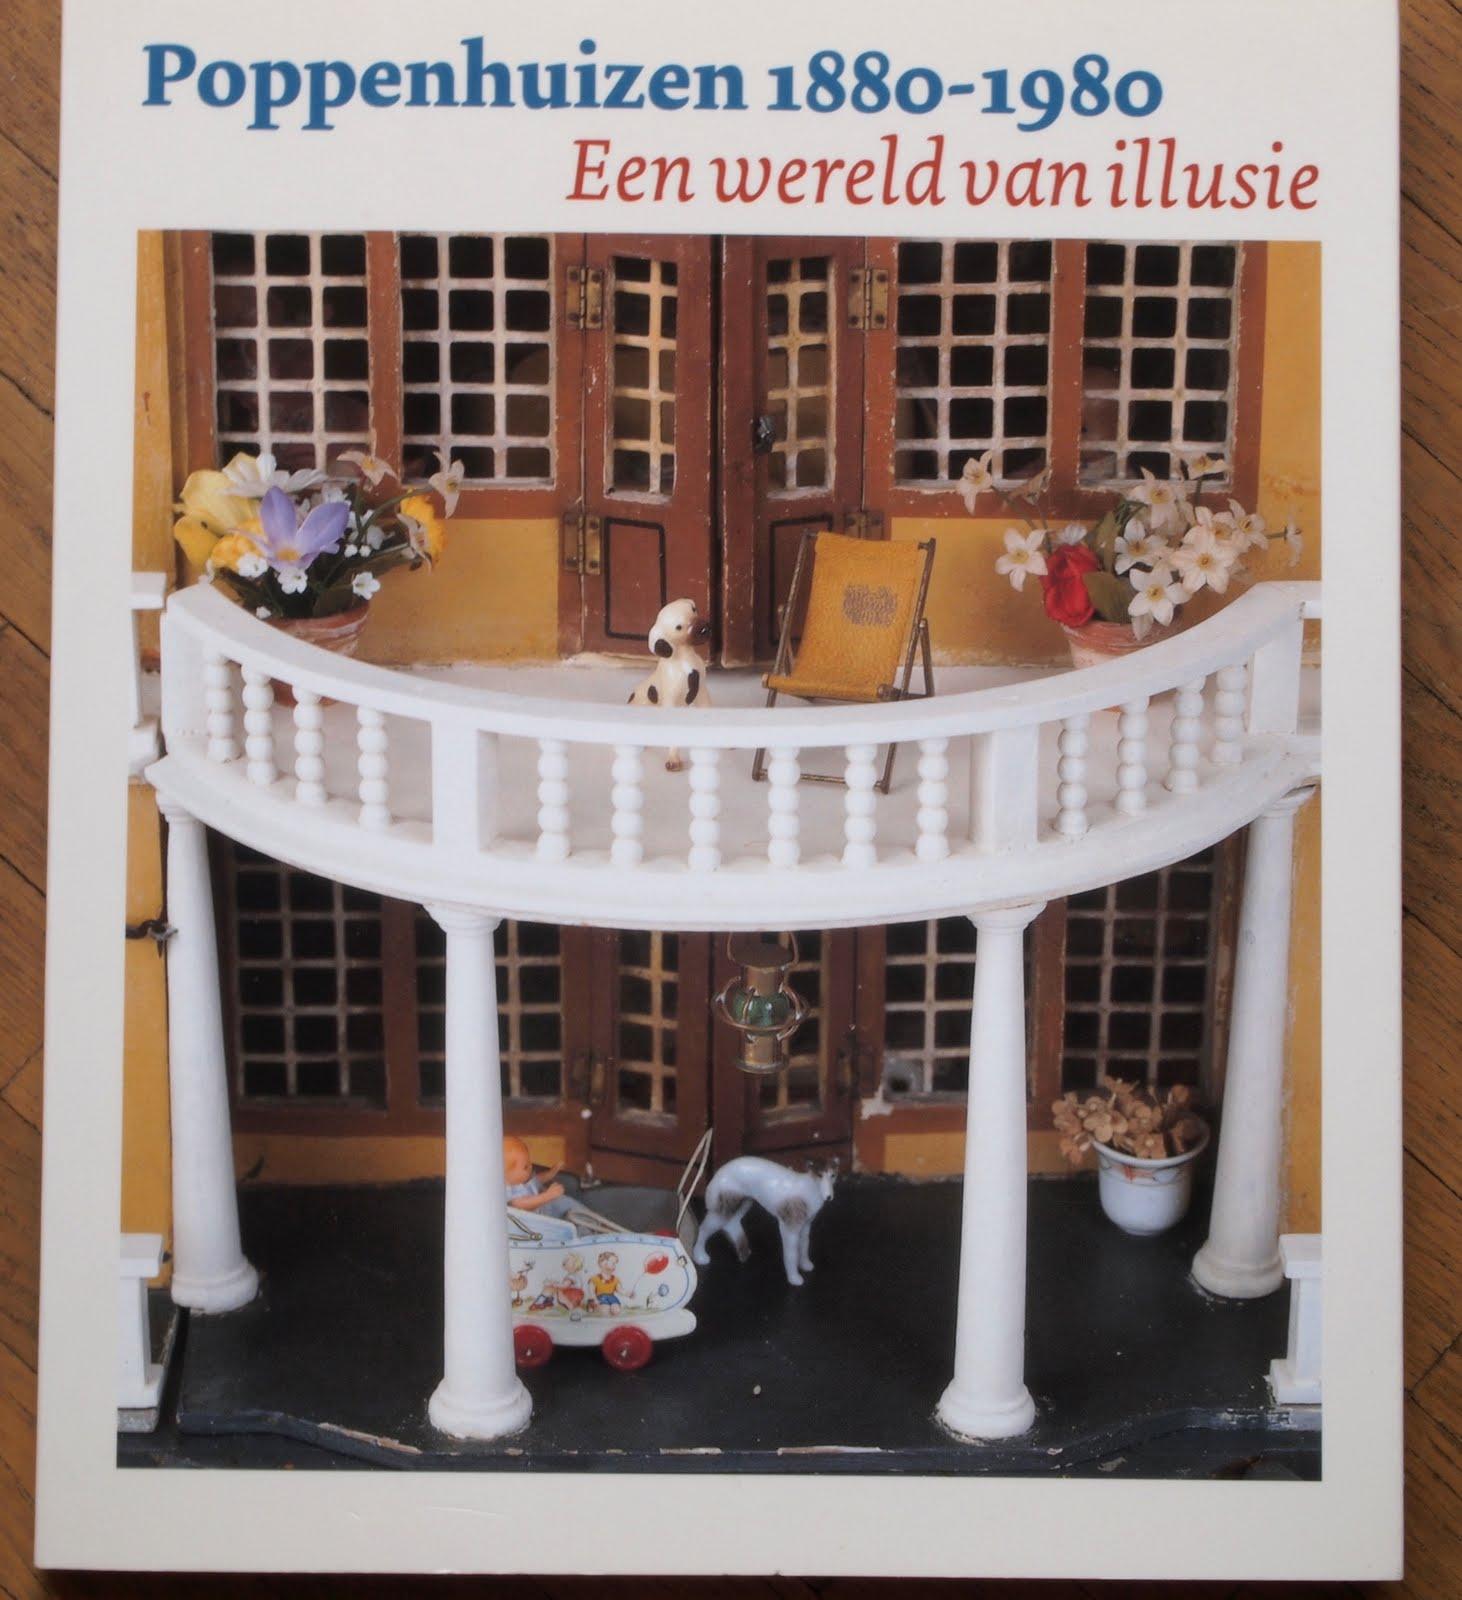 http://diepuppenstubensammlerin.blogspot.de/2011/02/sammlerin-in-den-niederlanden-karin.html